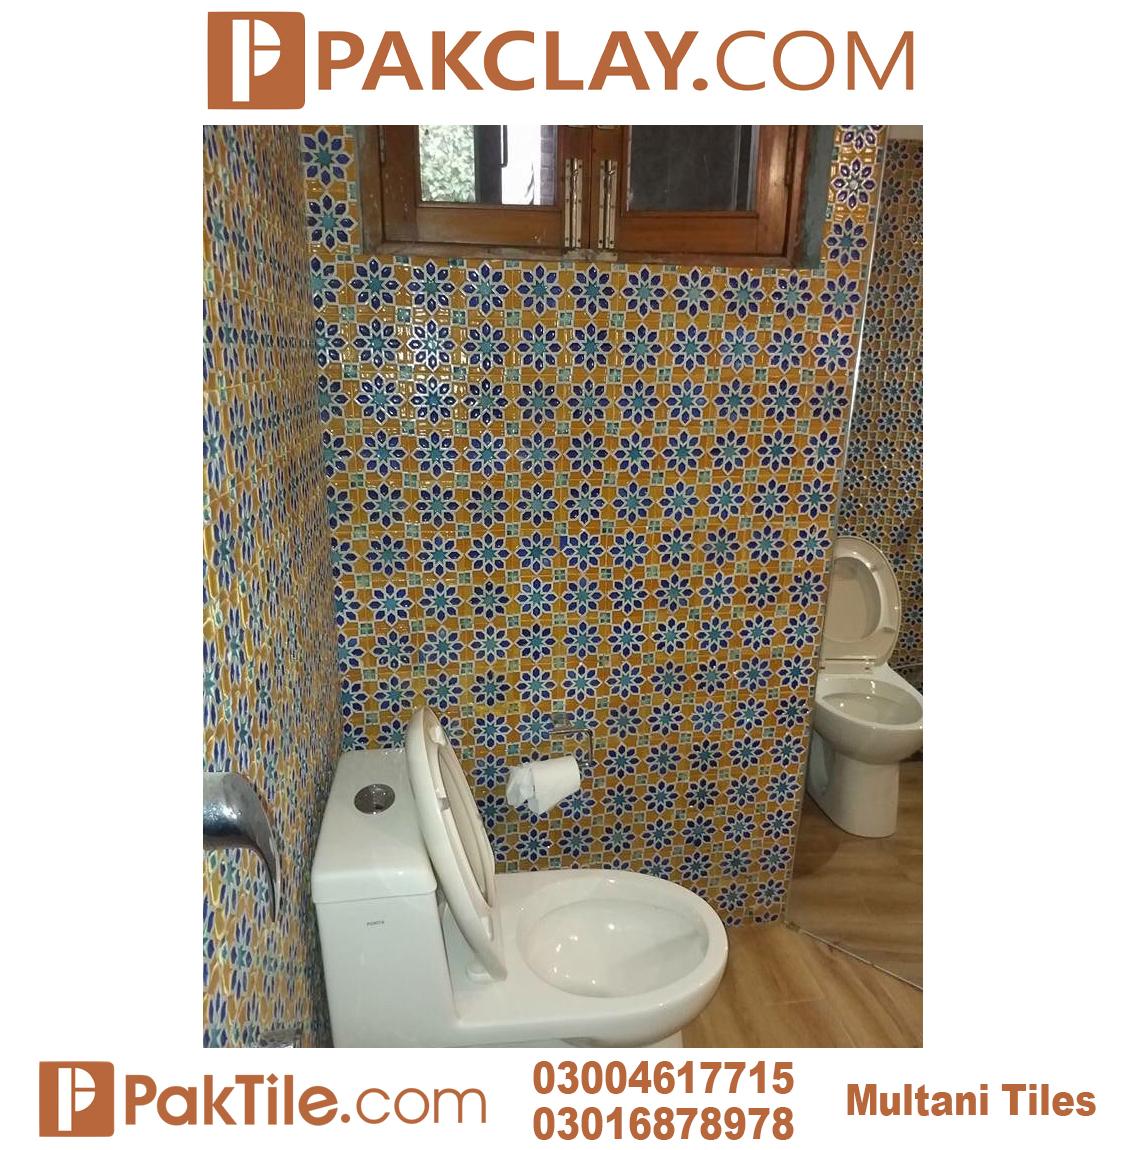 New Design Toilet Blue Multani Tiles For Washroom